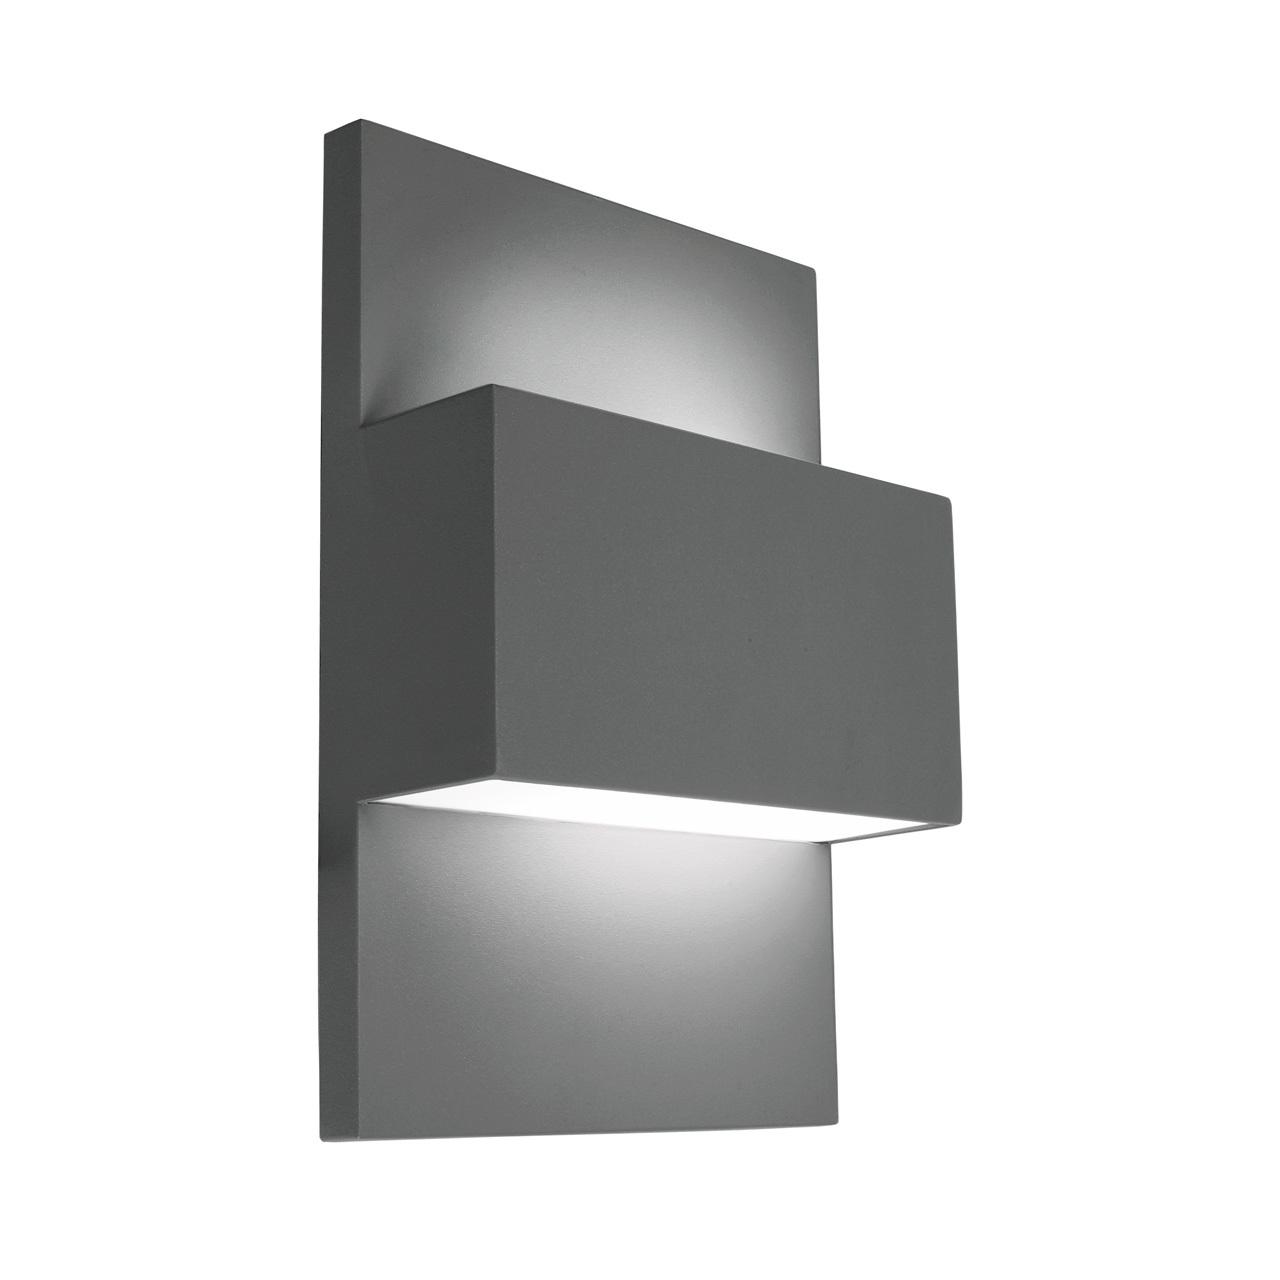 Lampa ścienna GENEVE 874GR -Norlys  SPRAWDŹ RABATY  5-10-15-20 % w koszyku